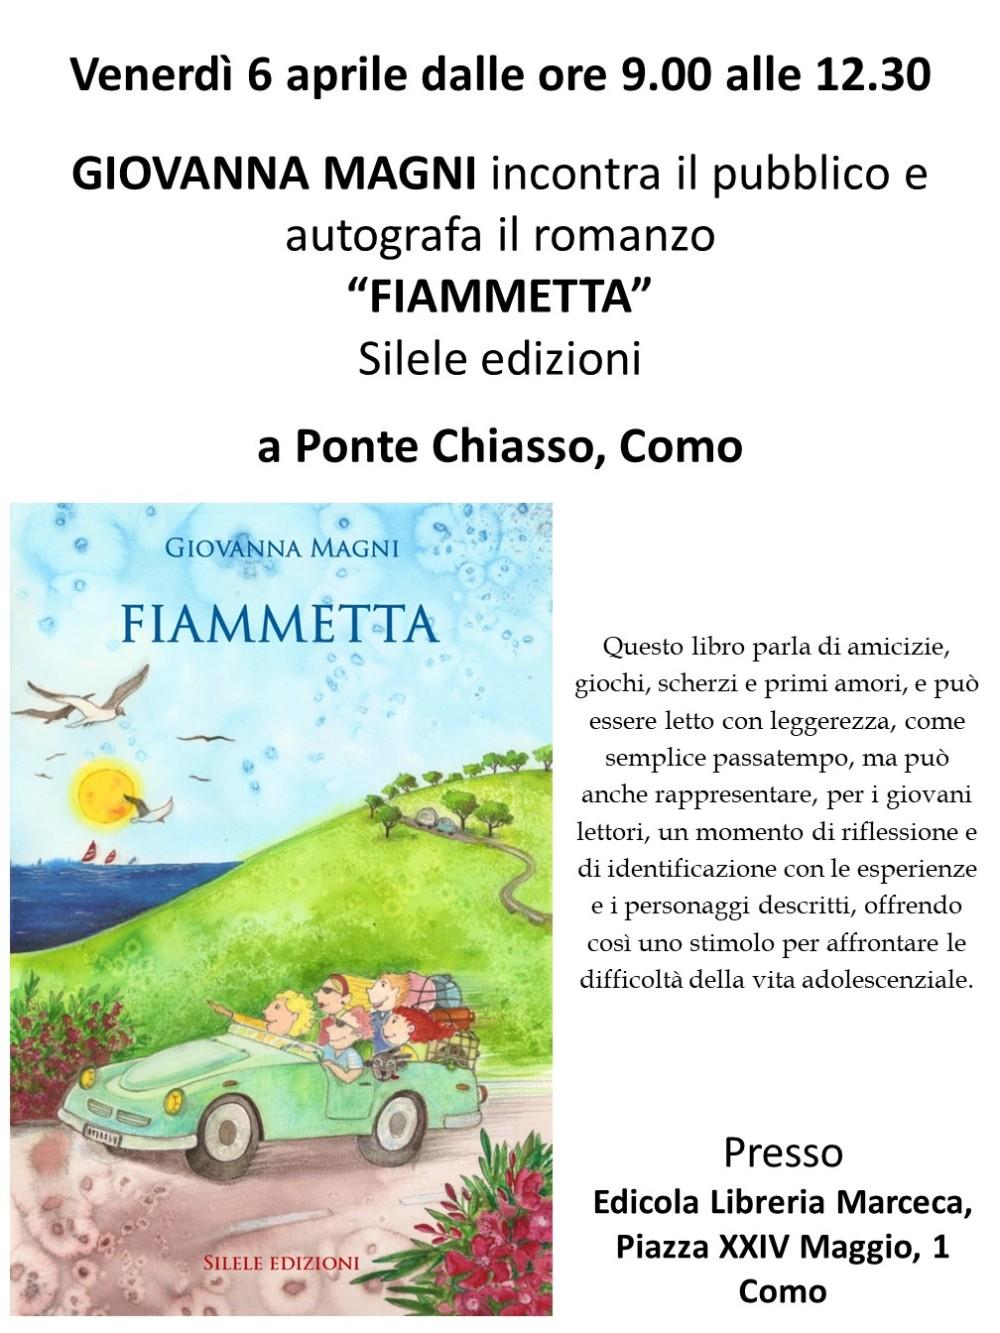 PonteChiasso 6aprile.jpg